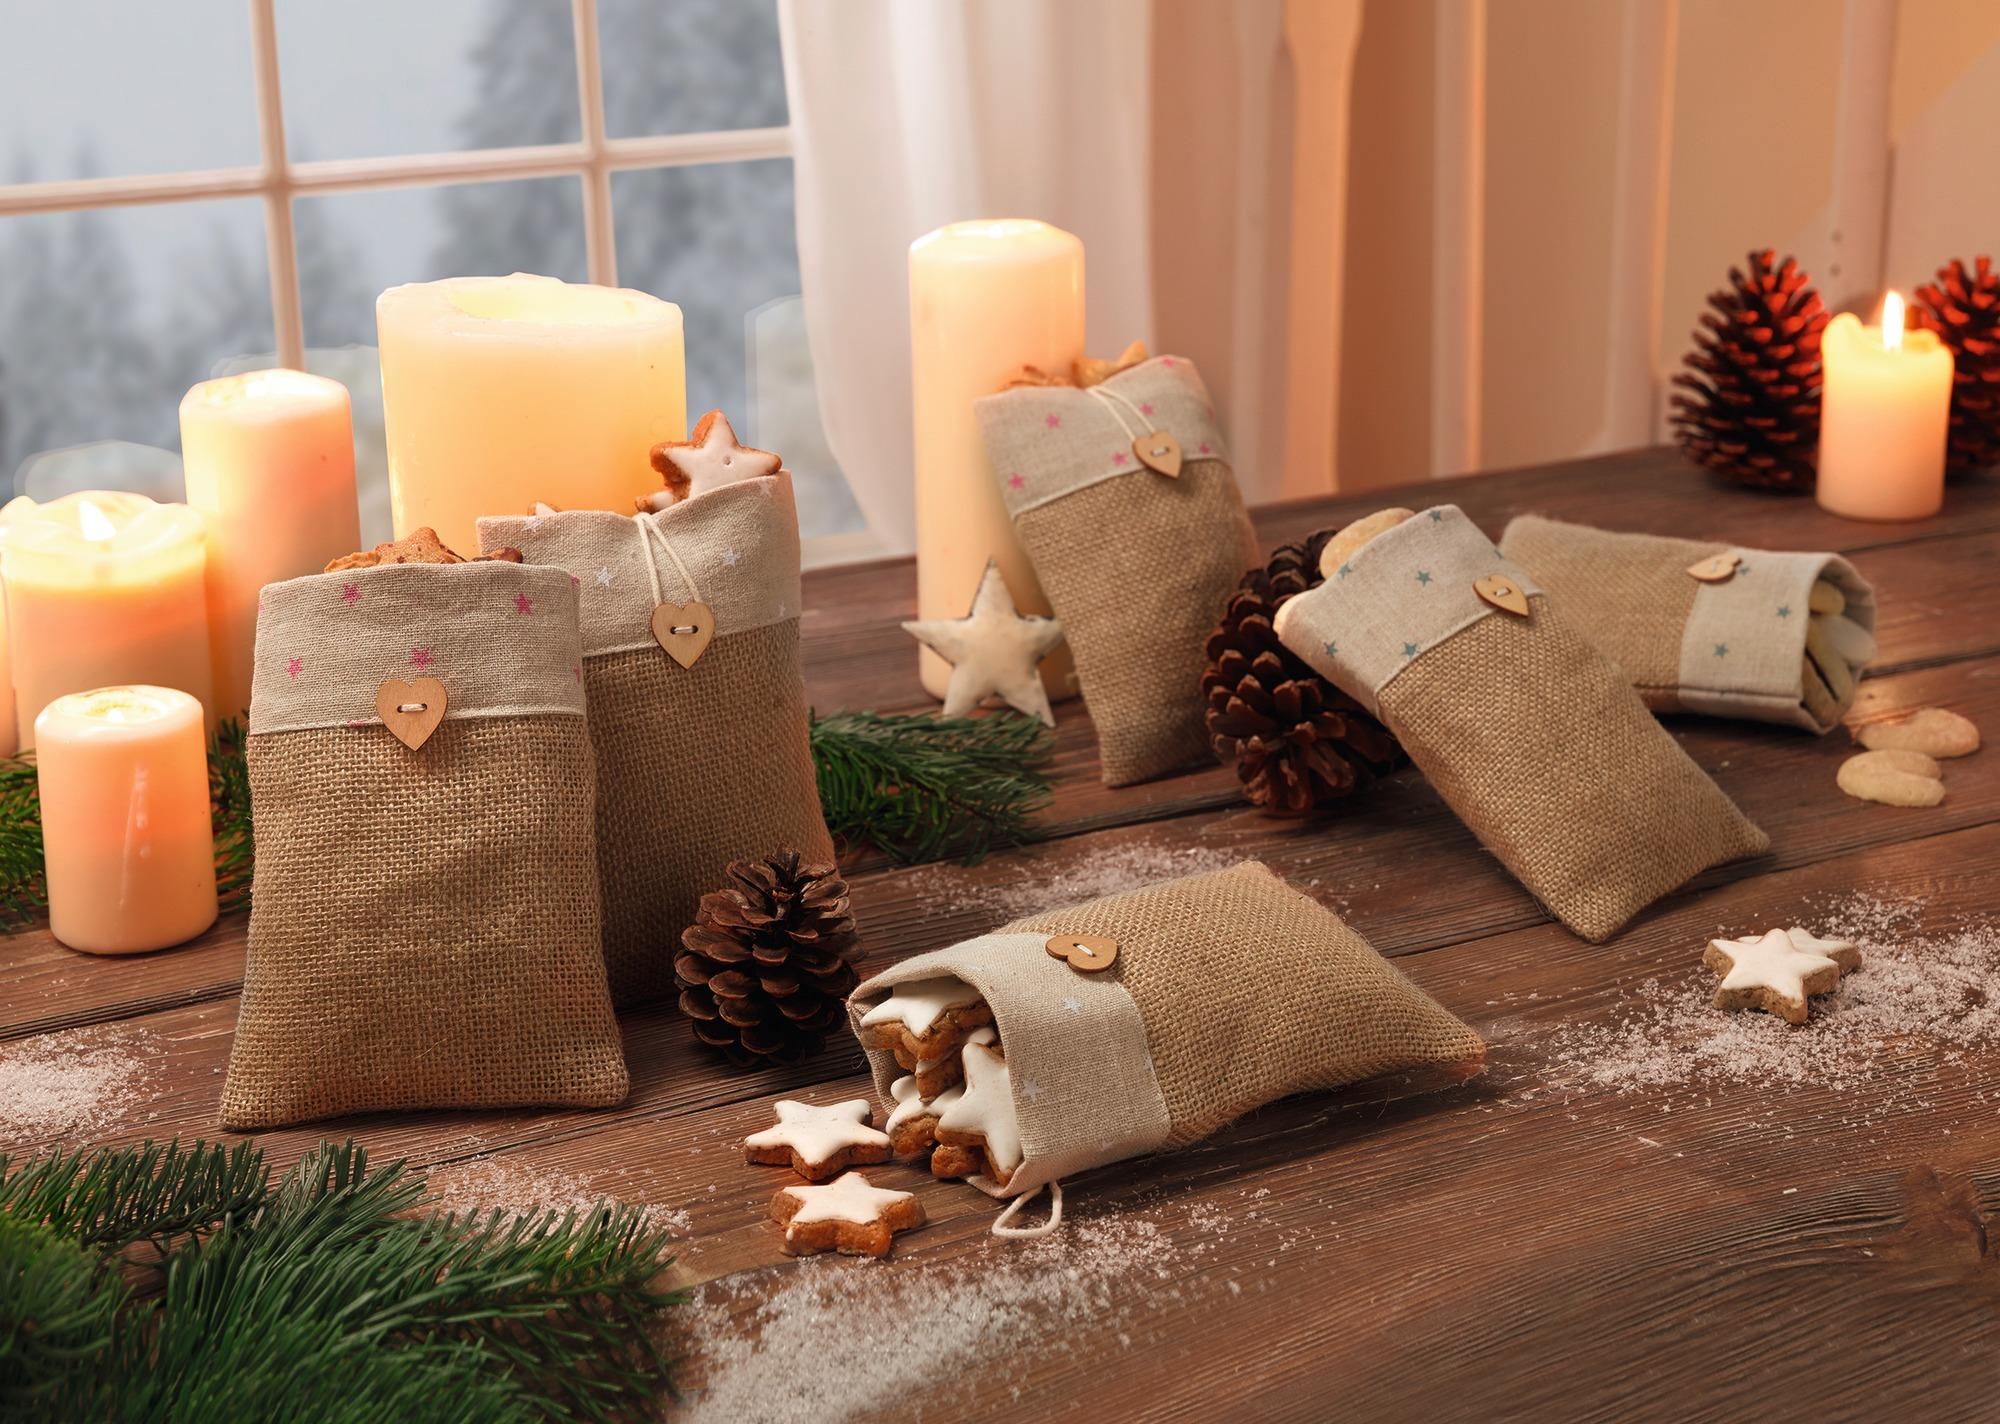 Weihnachtsgeschenke dekorativ verpacken leicht gemacht